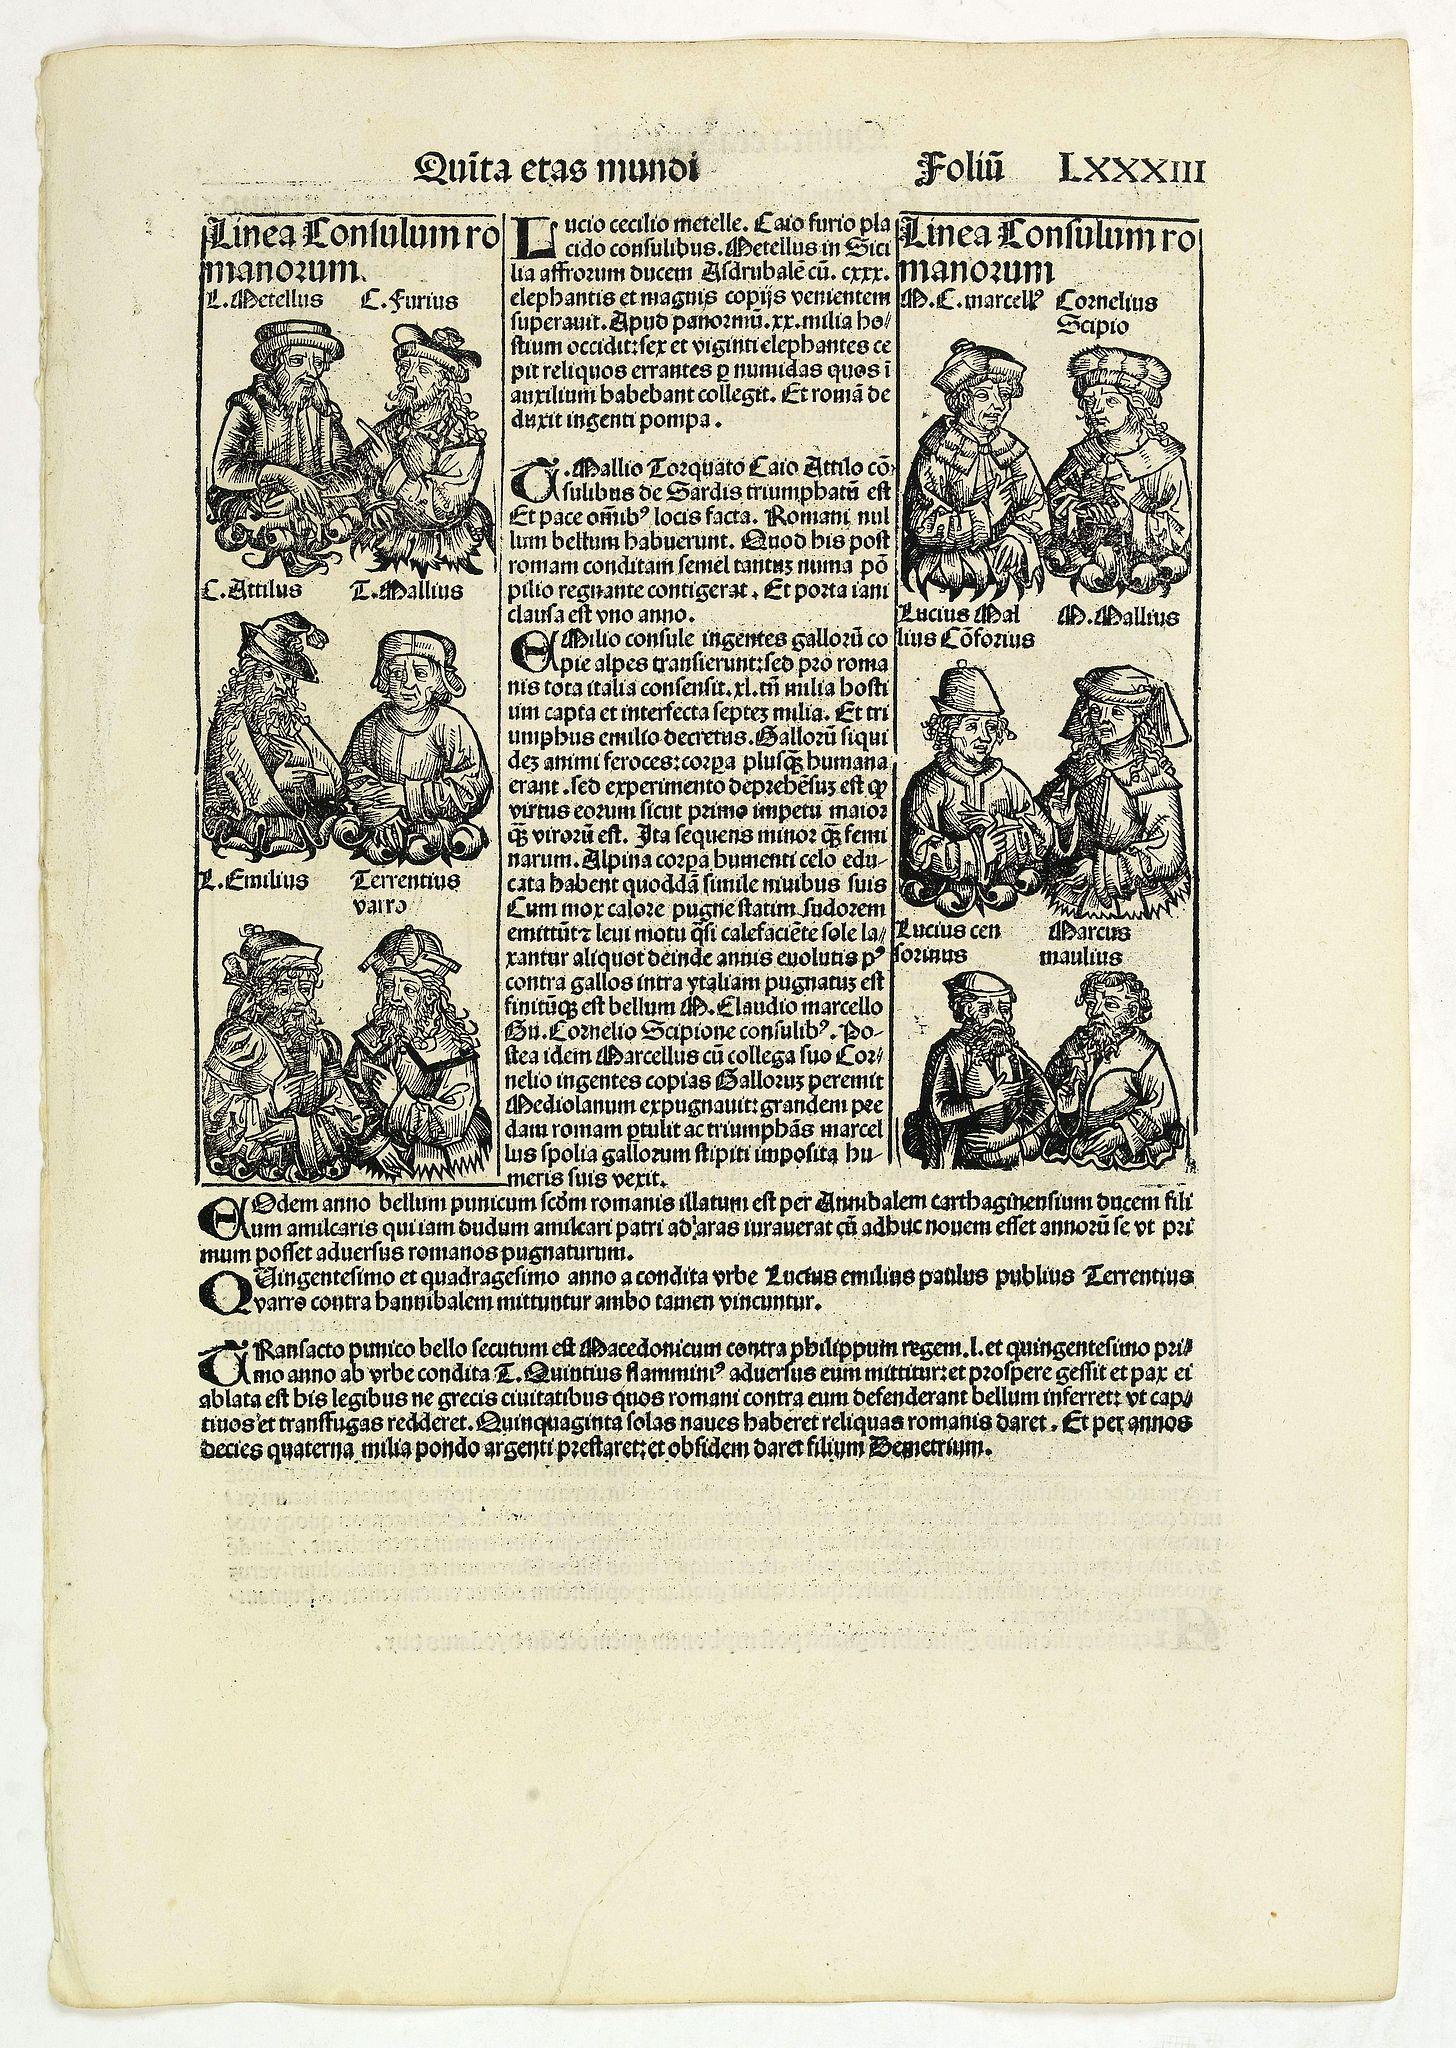 SCHEDEL, H. -  Quita Etas Mundi. Folium.LXXXIII